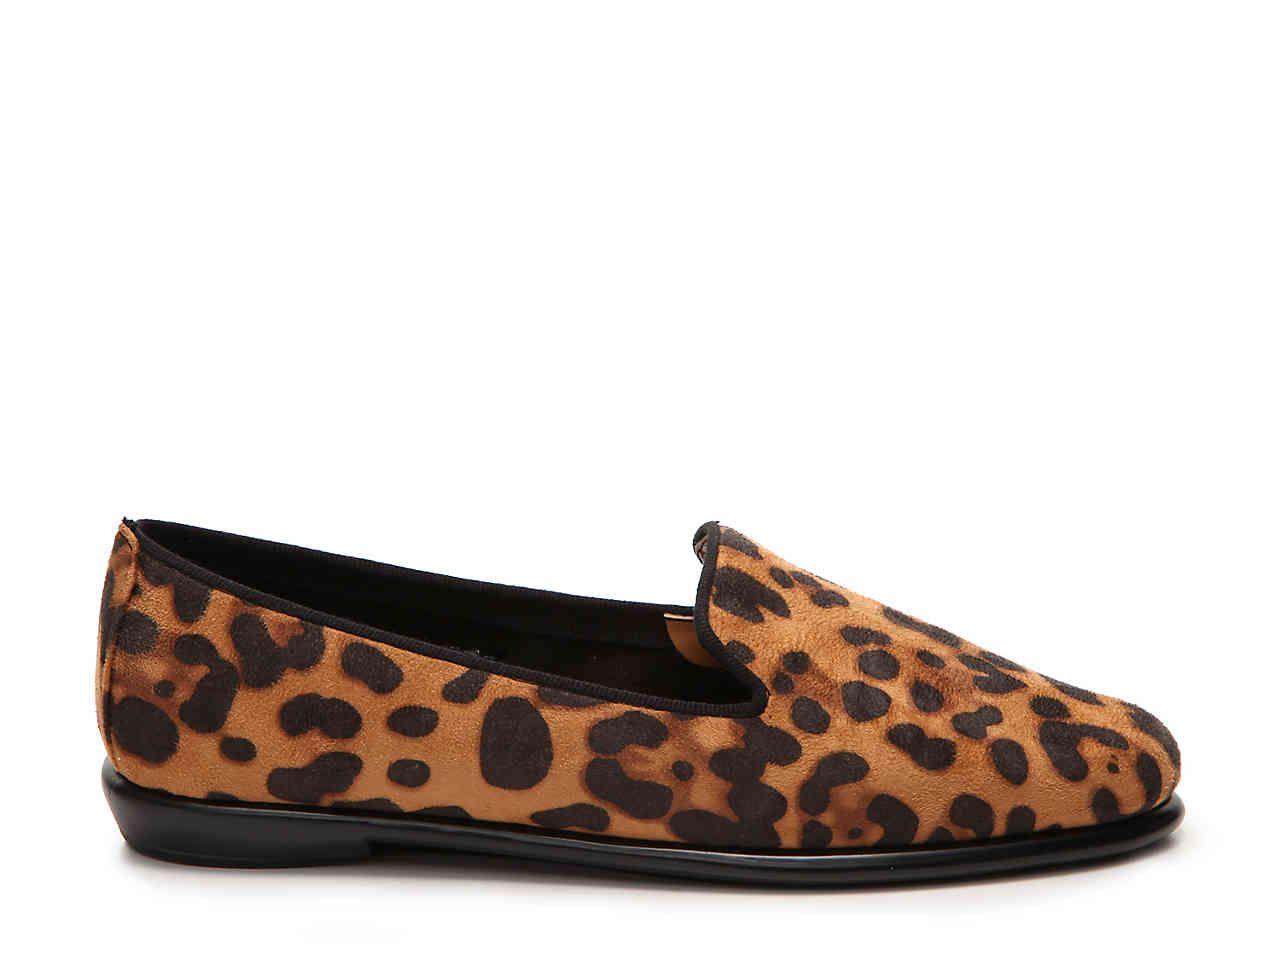 fe747ea6e91 Aerosoles Betunia Studded Loafer Women s Shoes